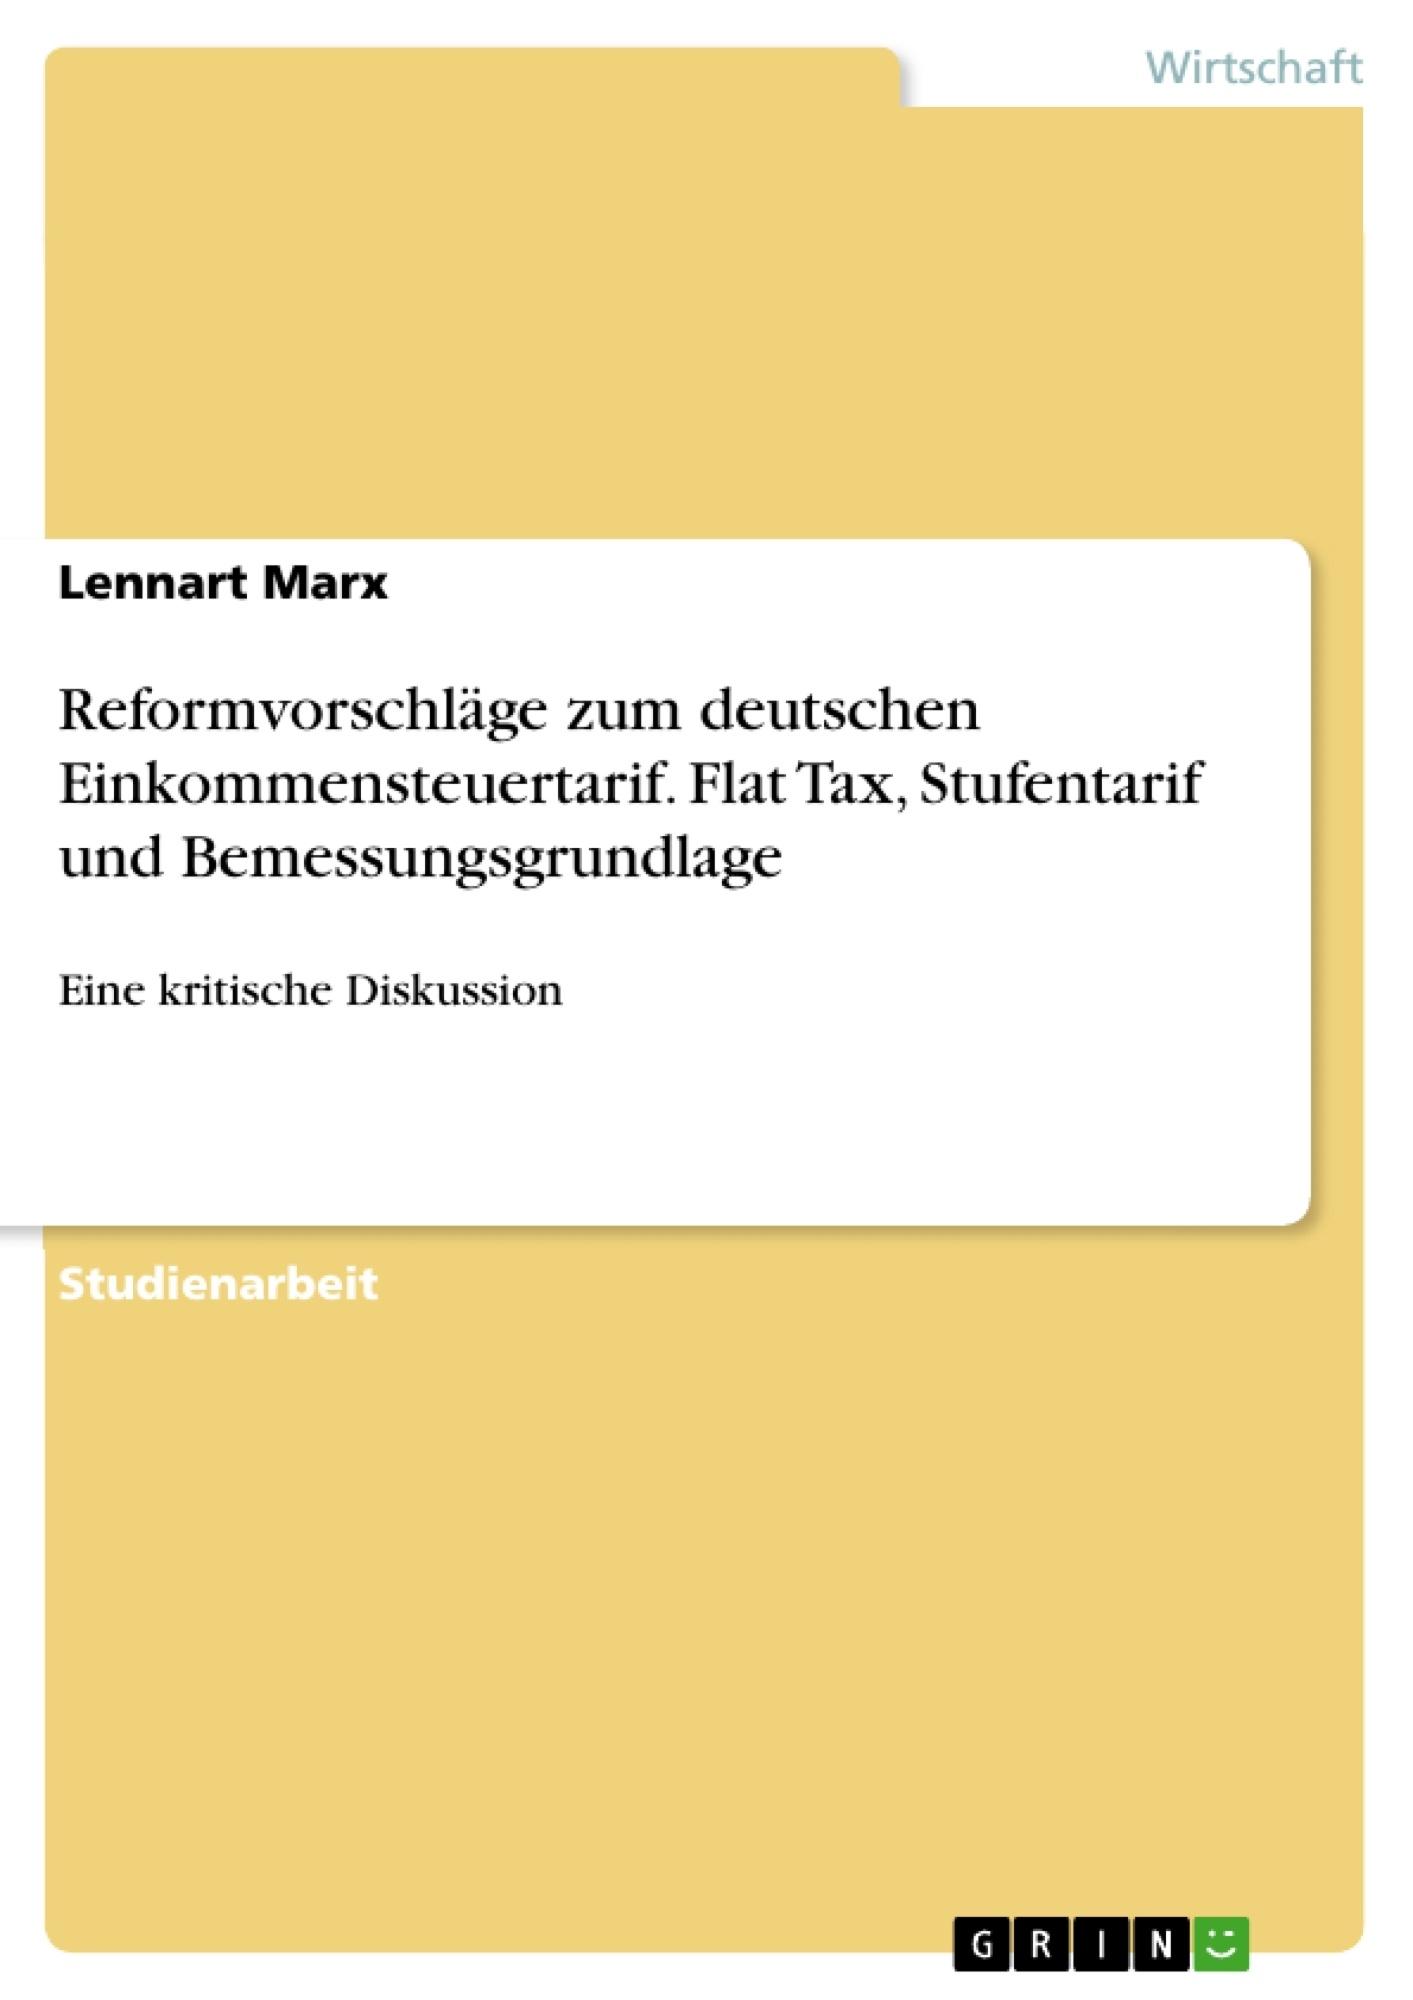 Titel: Reformvorschläge zum deutschen Einkommensteuertarif. Flat Tax, Stufentarif und Bemessungsgrundlage